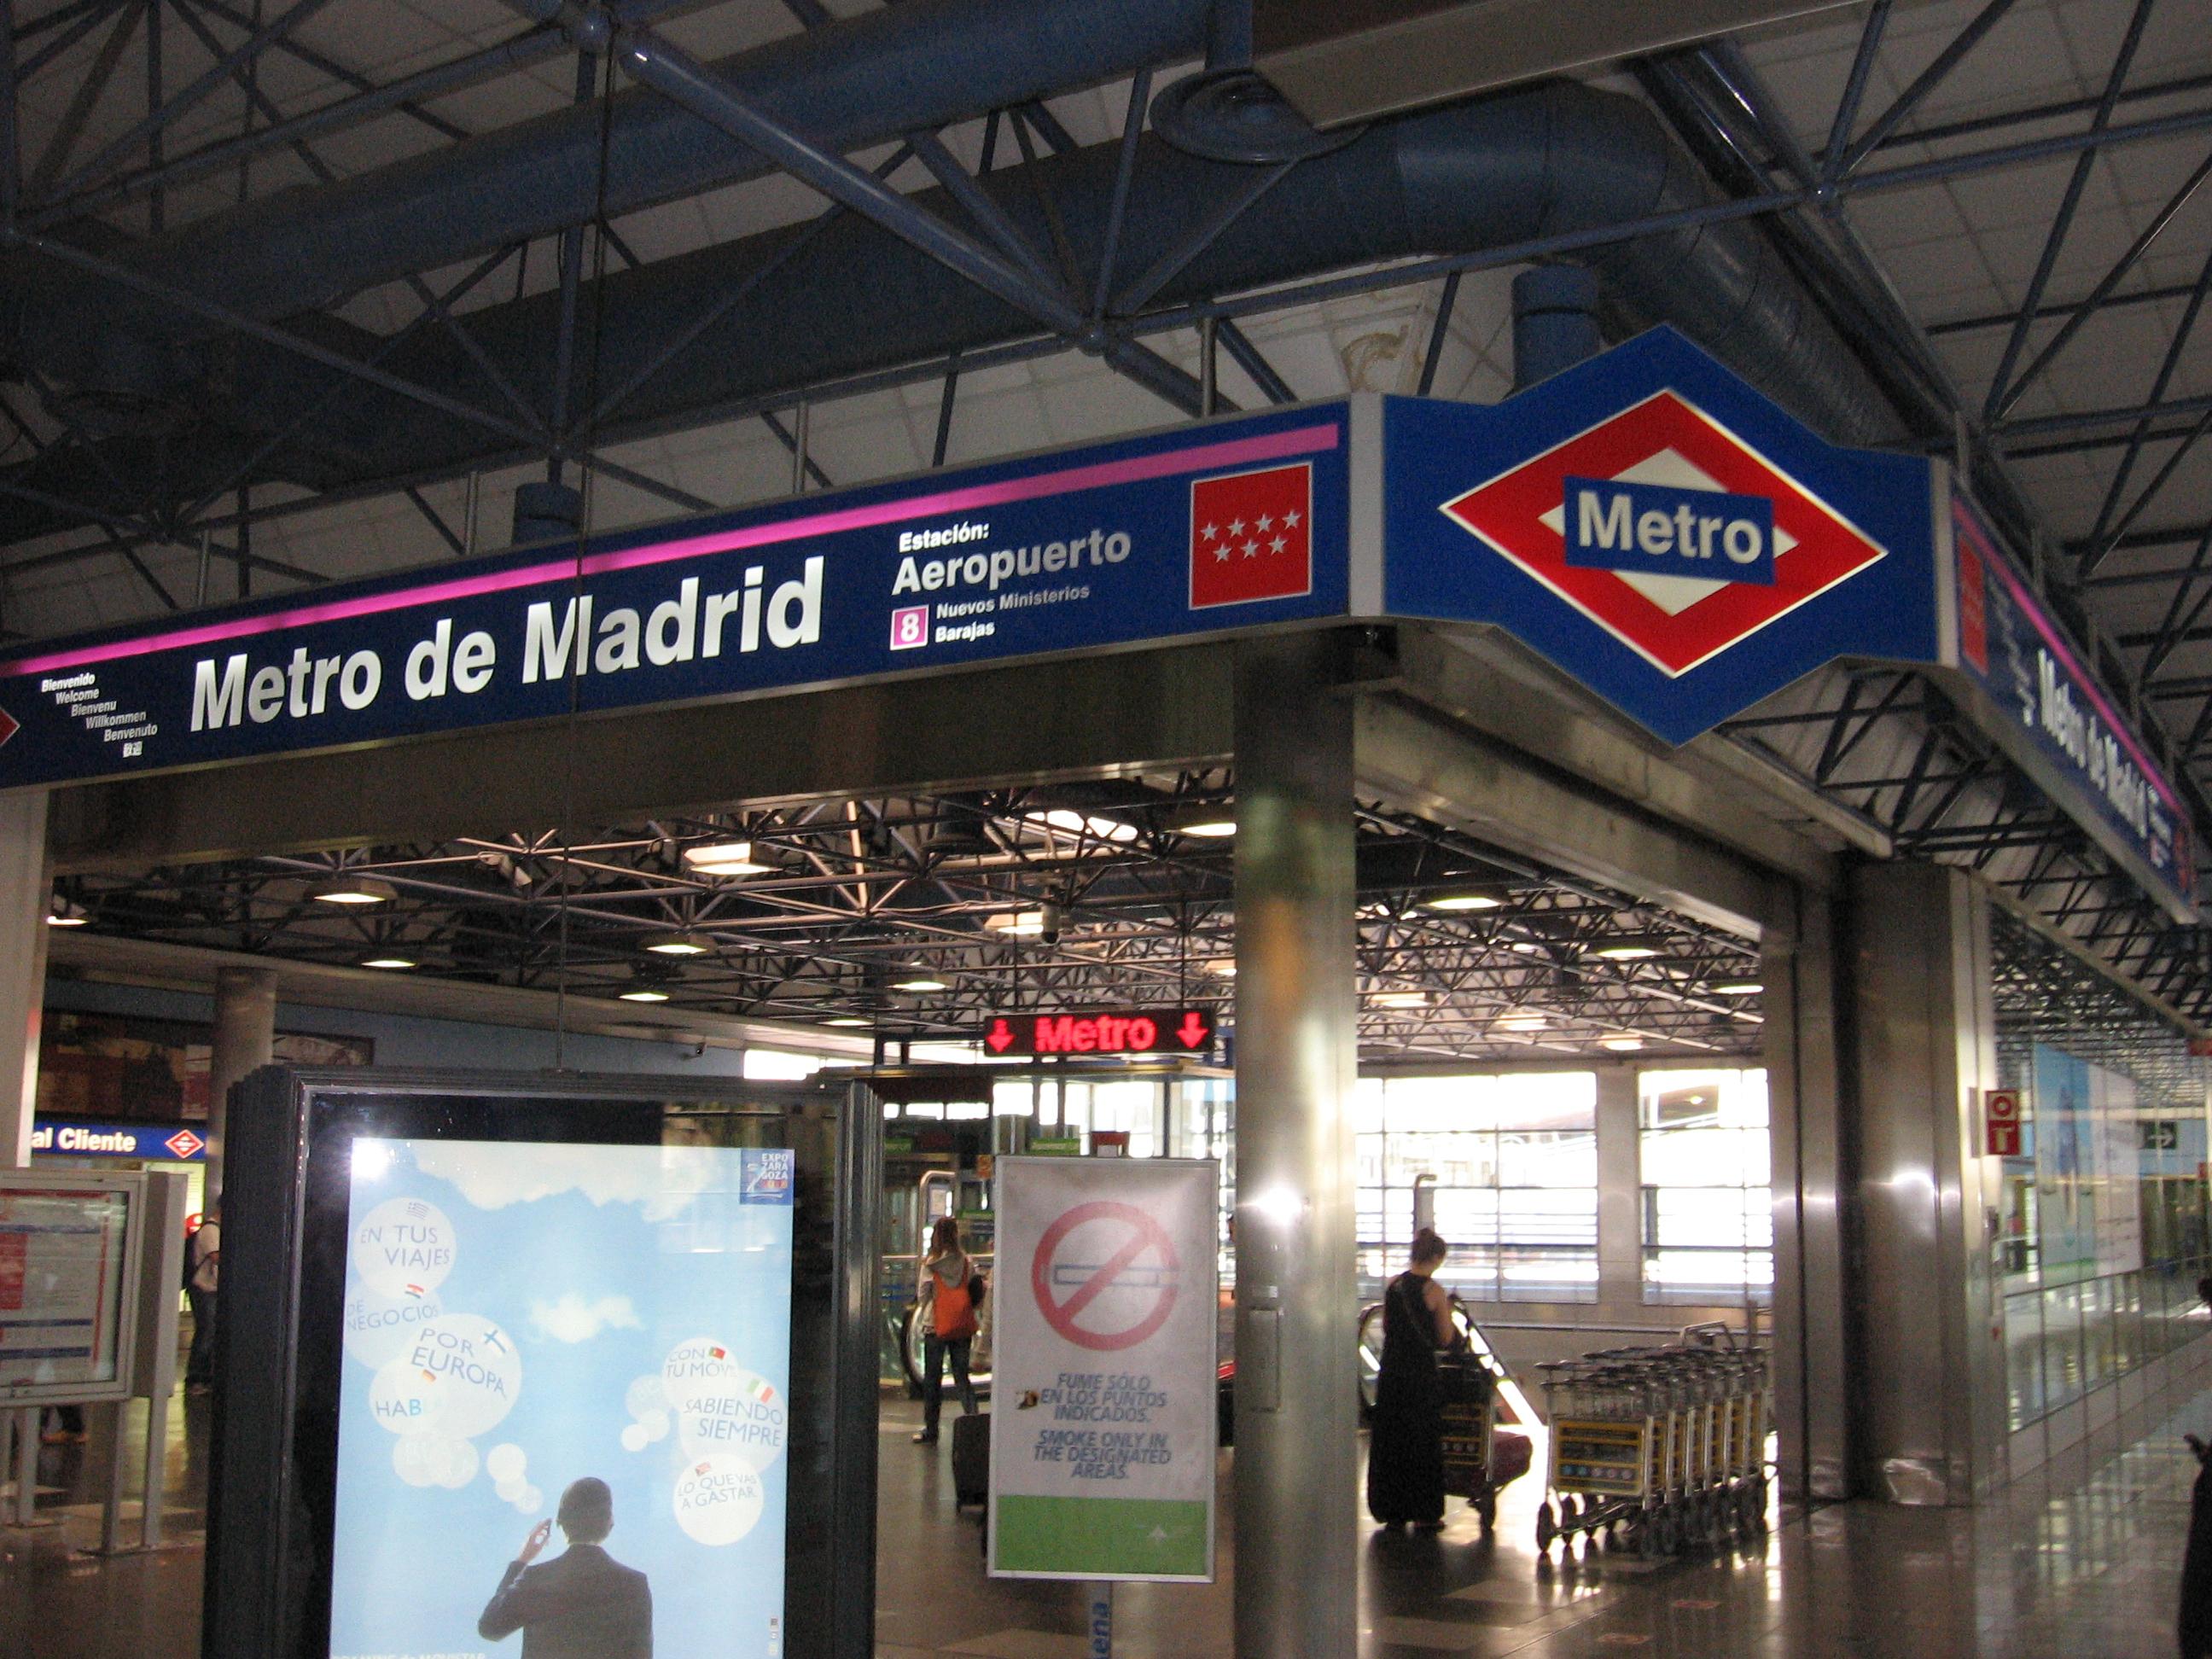 Aeropuerto T1 T2 T3 Wikipedia